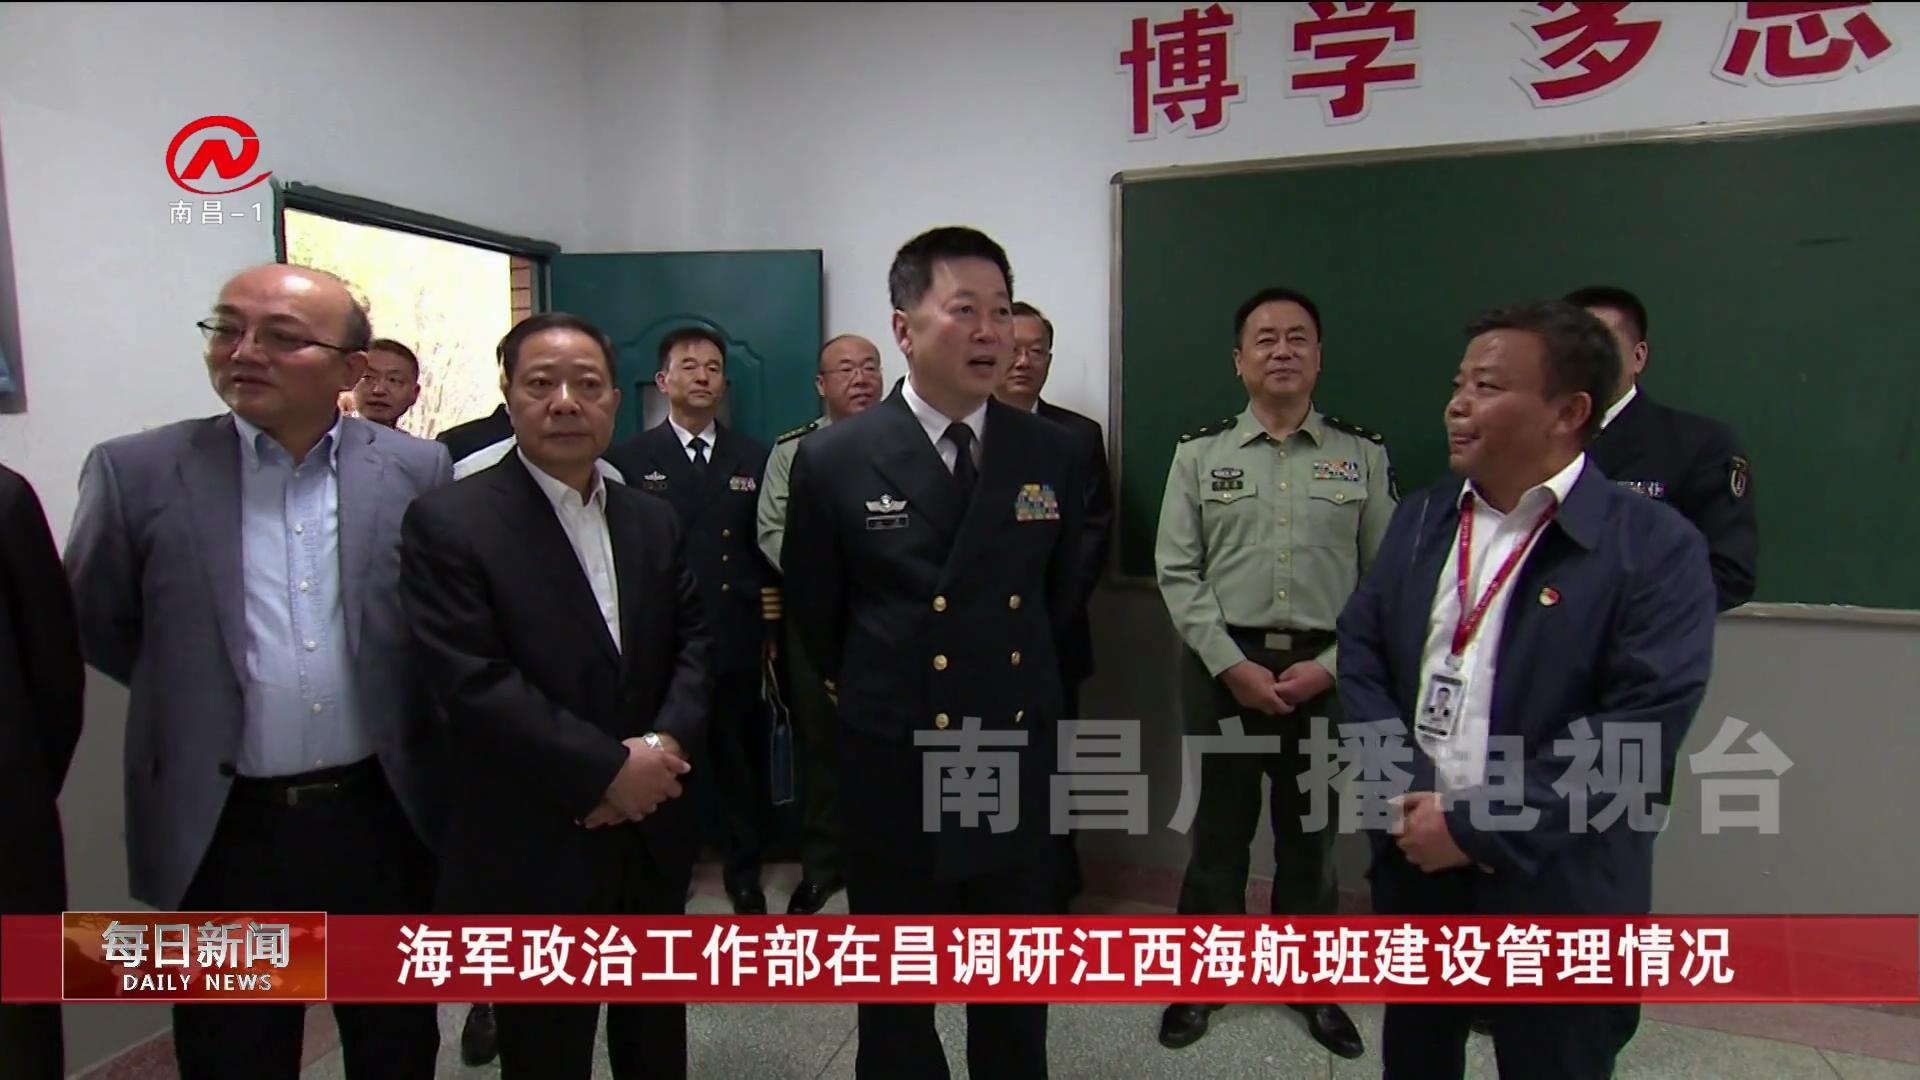 海军政治工作部在昌调研江西海航班建设管理情况